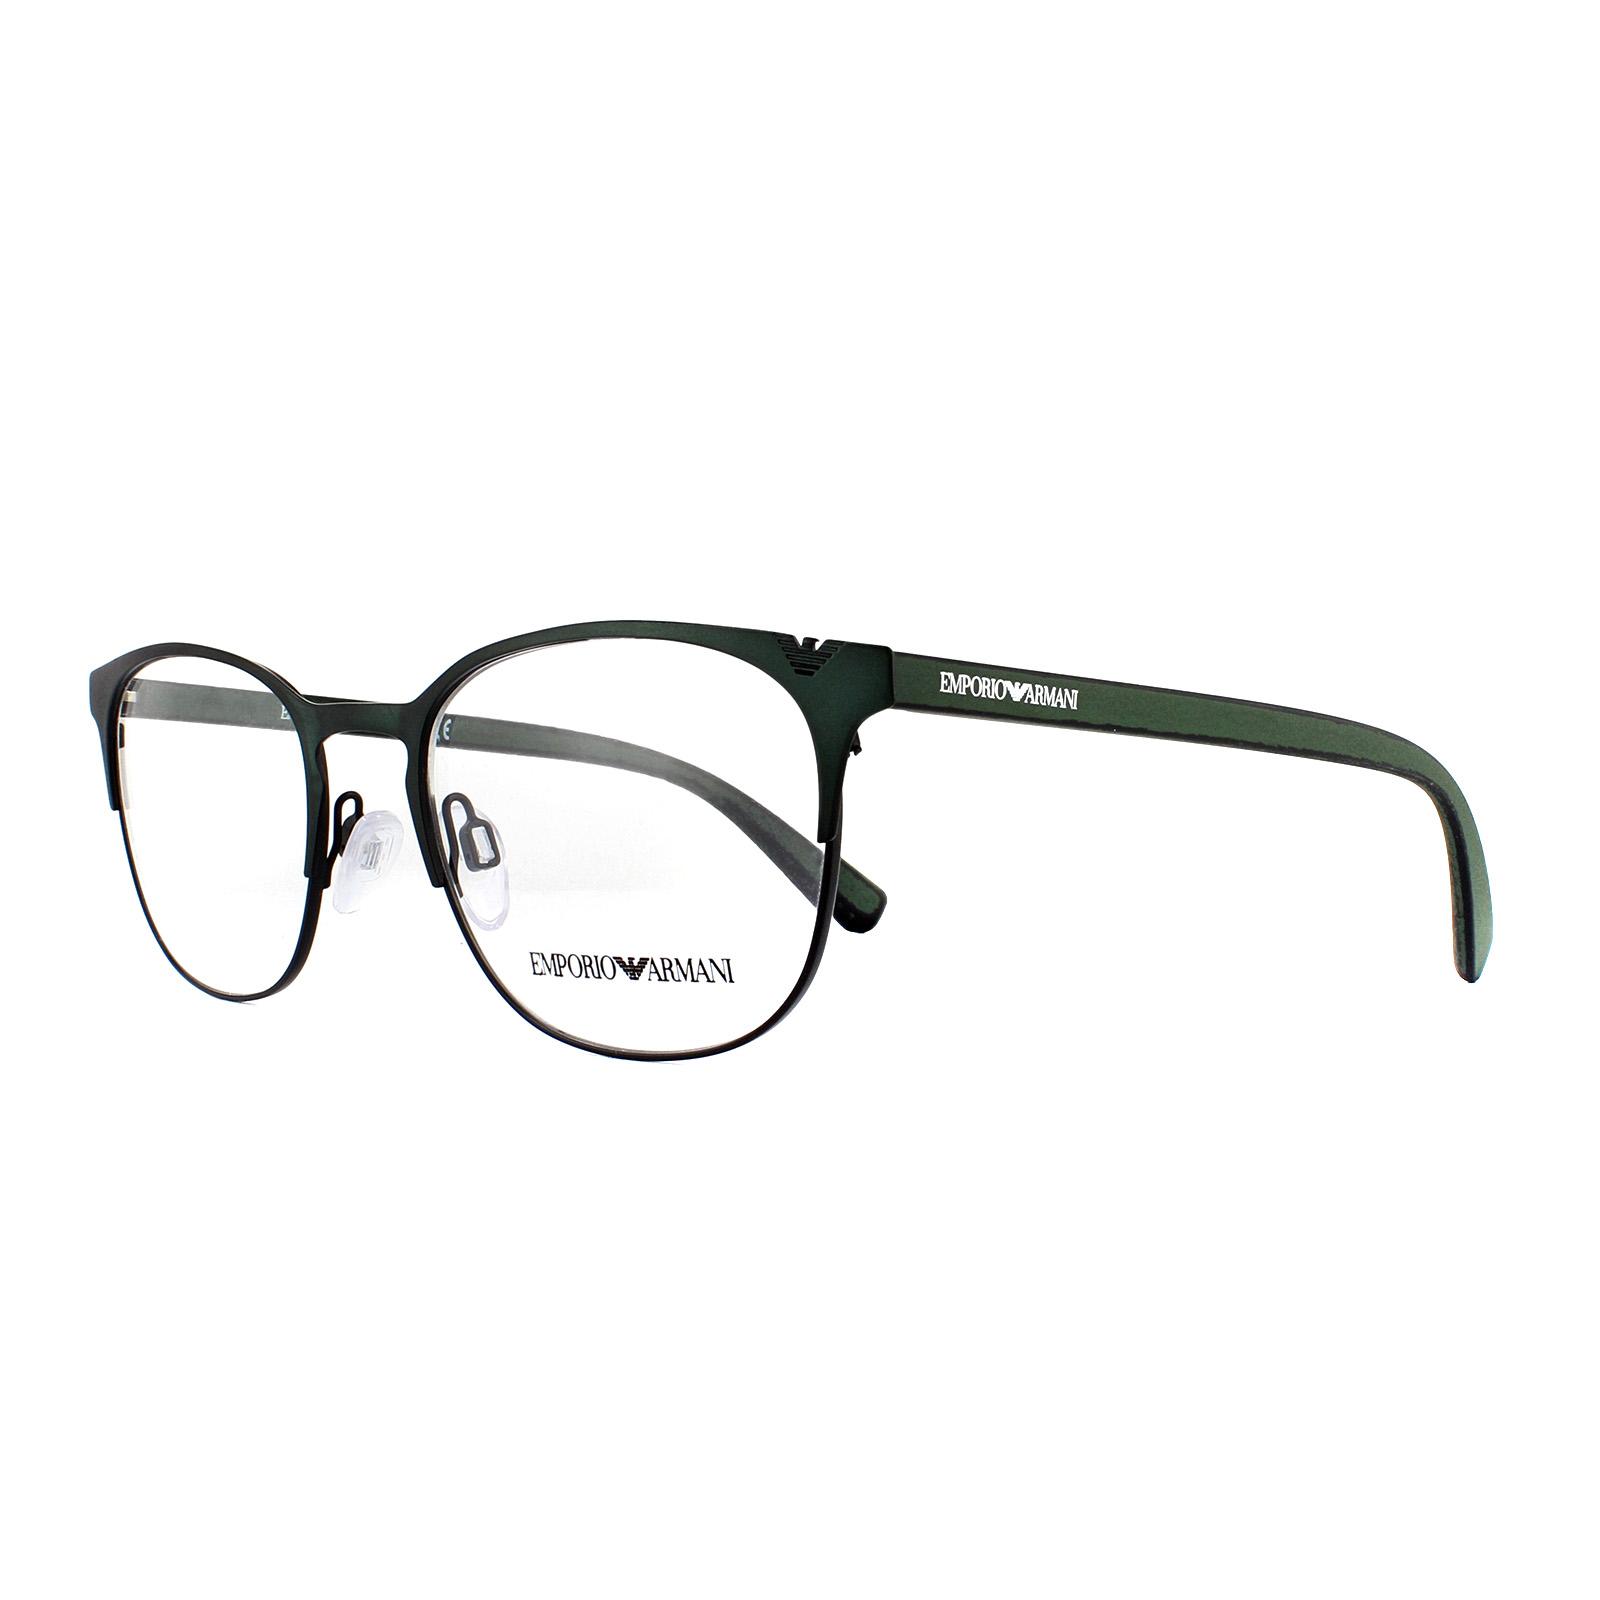 a46127f1d067 Sentinel Emporio Armani Glasses Frames EA 1059 3180 Green 51mm Mens